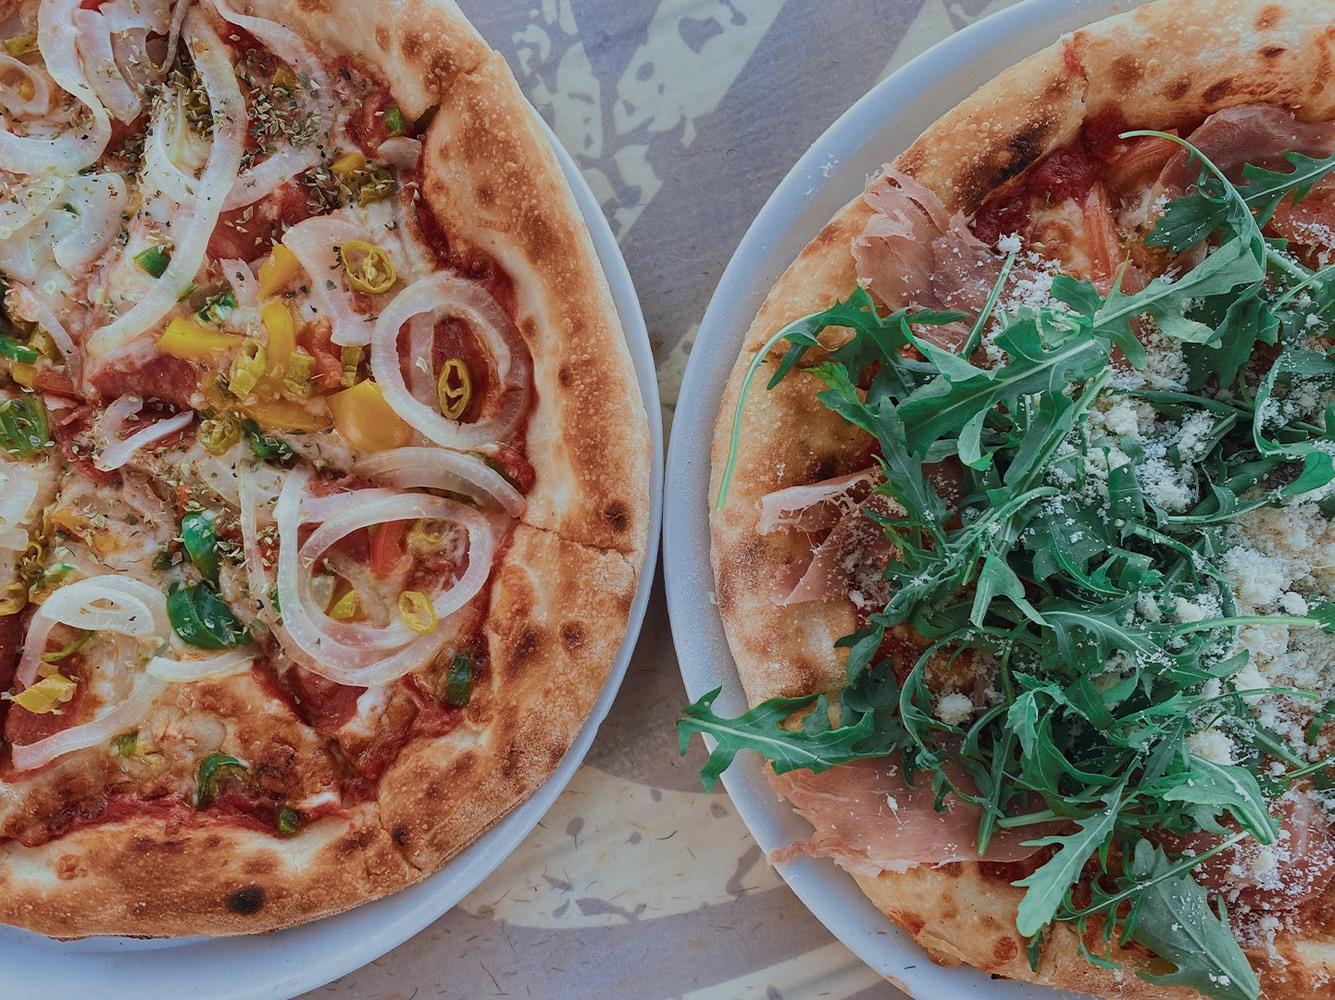 Pizza und Pasta in Deggendorf: Italienische Spezialitäten in Deggendorf und Umgebung